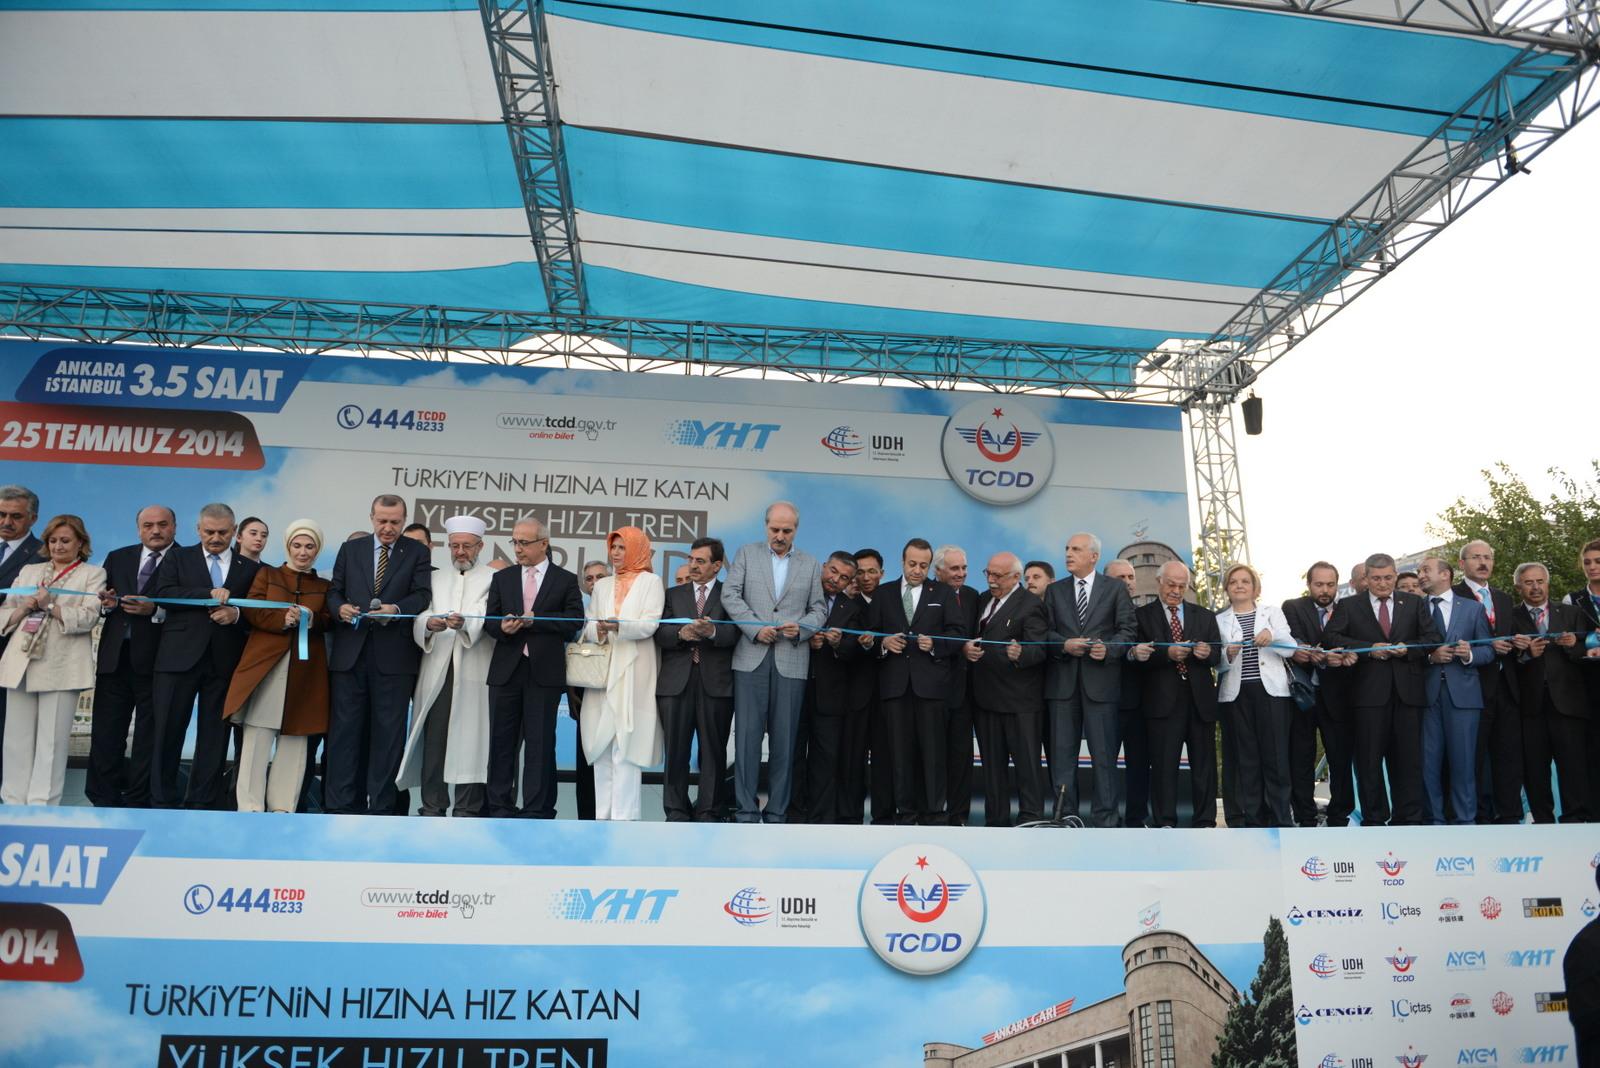 تحقق رویای 70 ساله مردم ترکیه با راه اندازی قطار سریع السیر آنکارا - استانبول+عکس